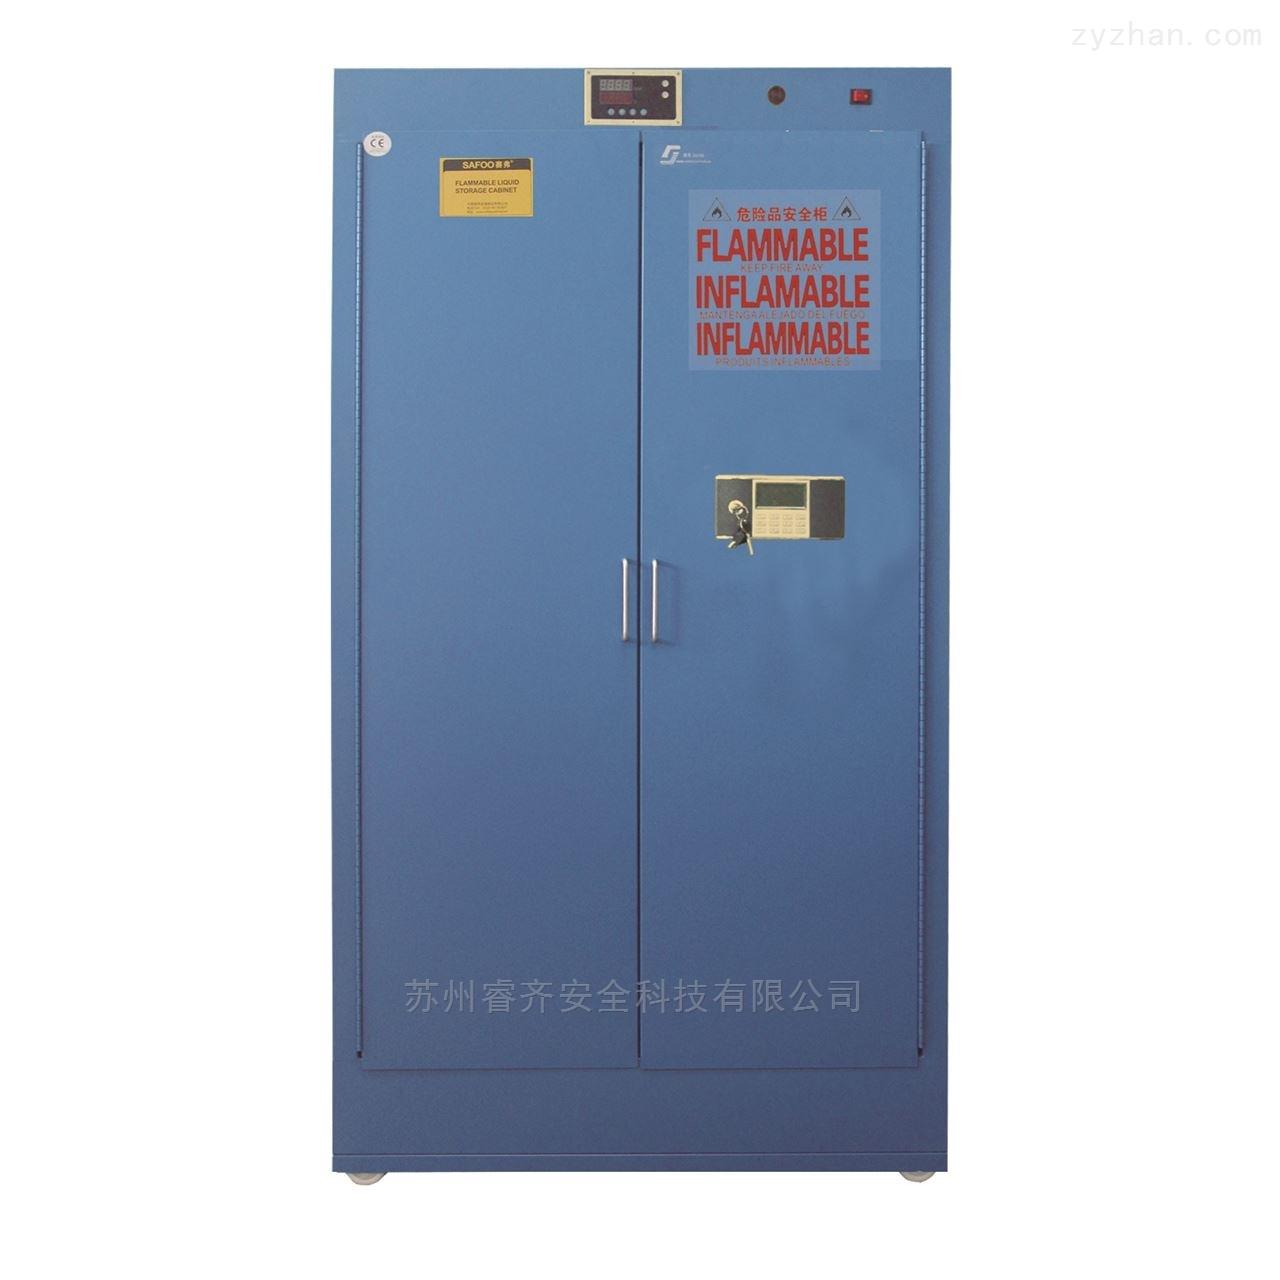 易燃品存储安全设备BC-WYRG01